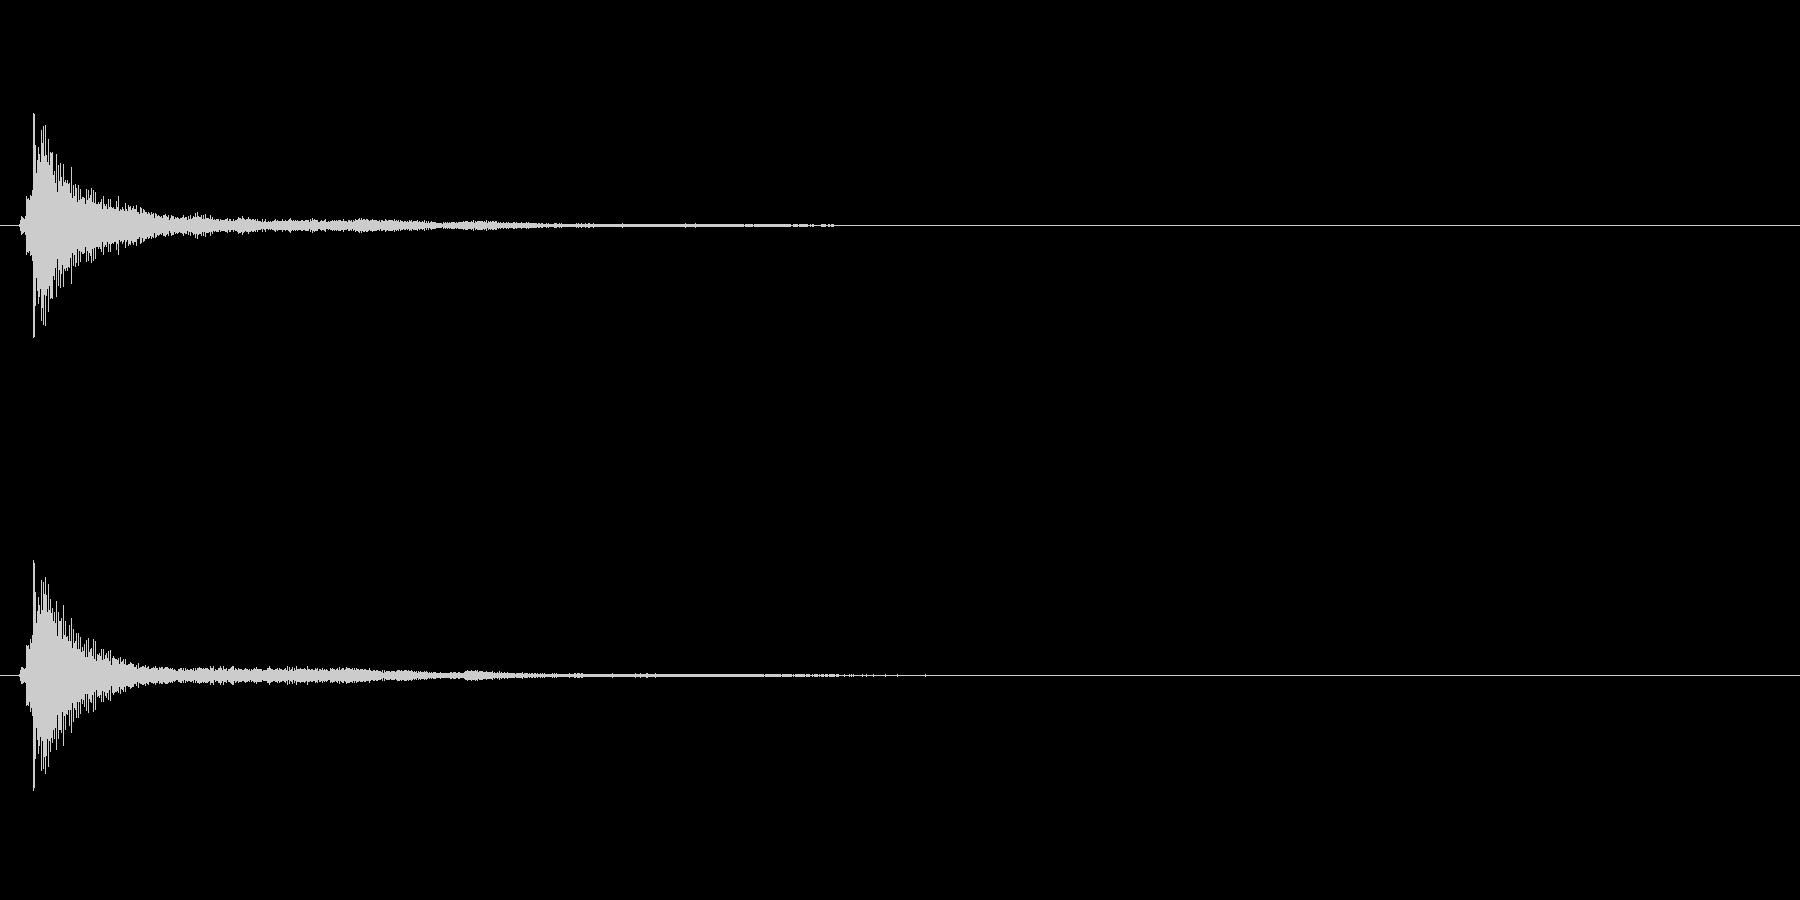 サウンドロゴ(企業ロゴ)_009の未再生の波形